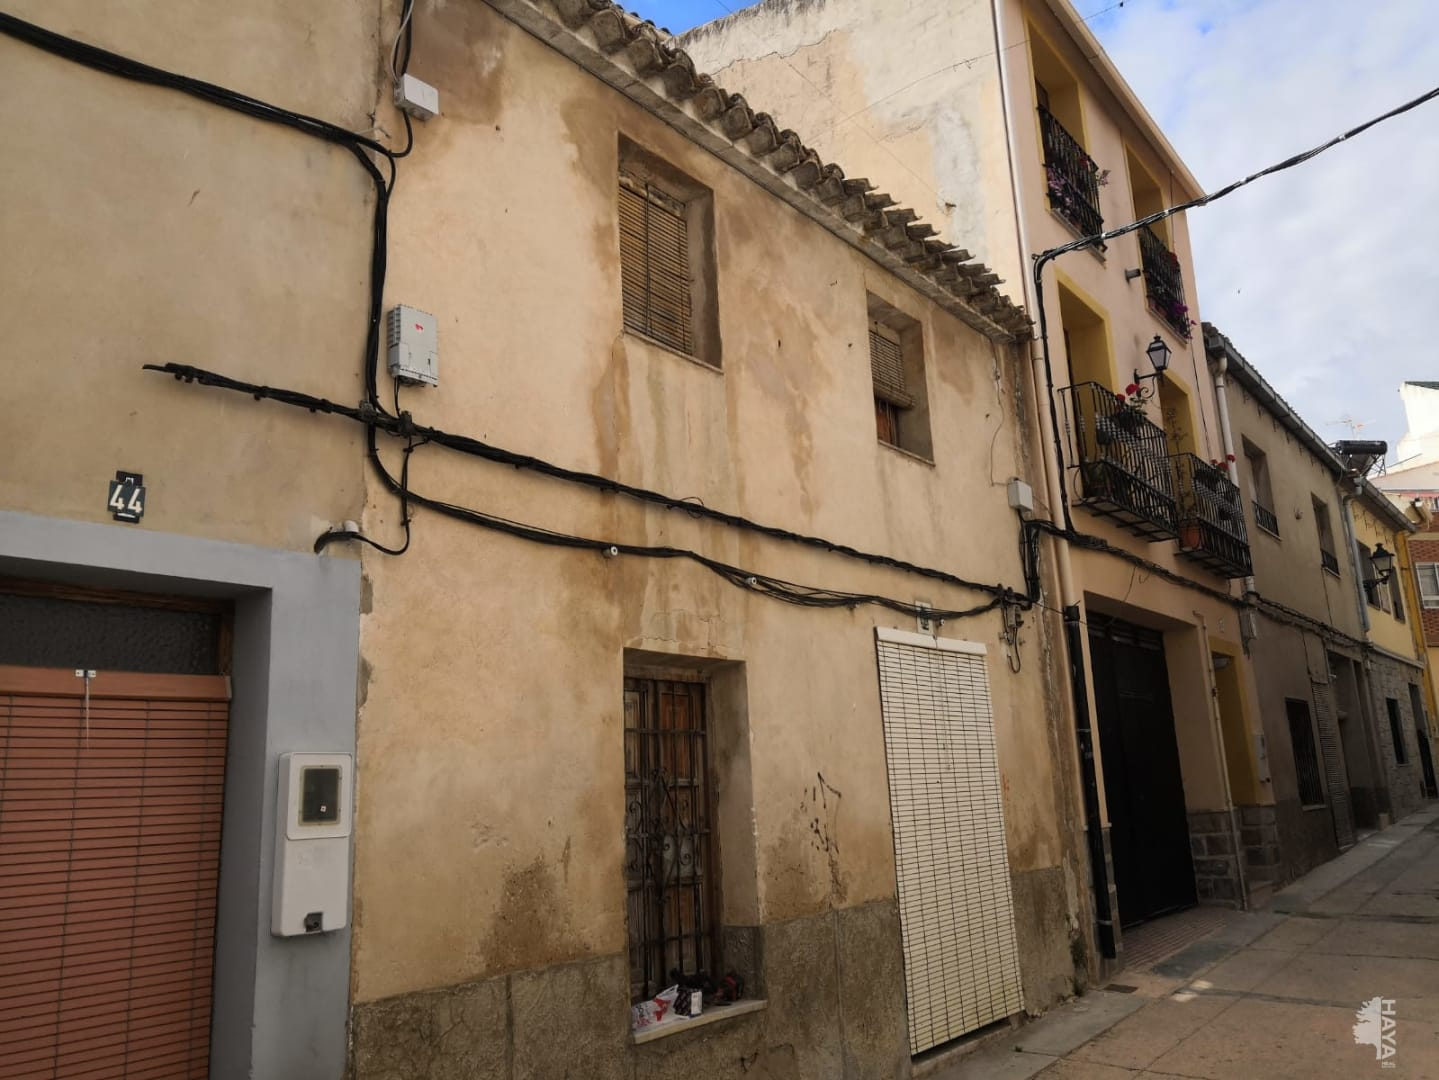 Casa en venta en Caudete, Caudete, Albacete, Calle Paracuellos de la Vega, 34.599 €, 1 baño, 110 m2